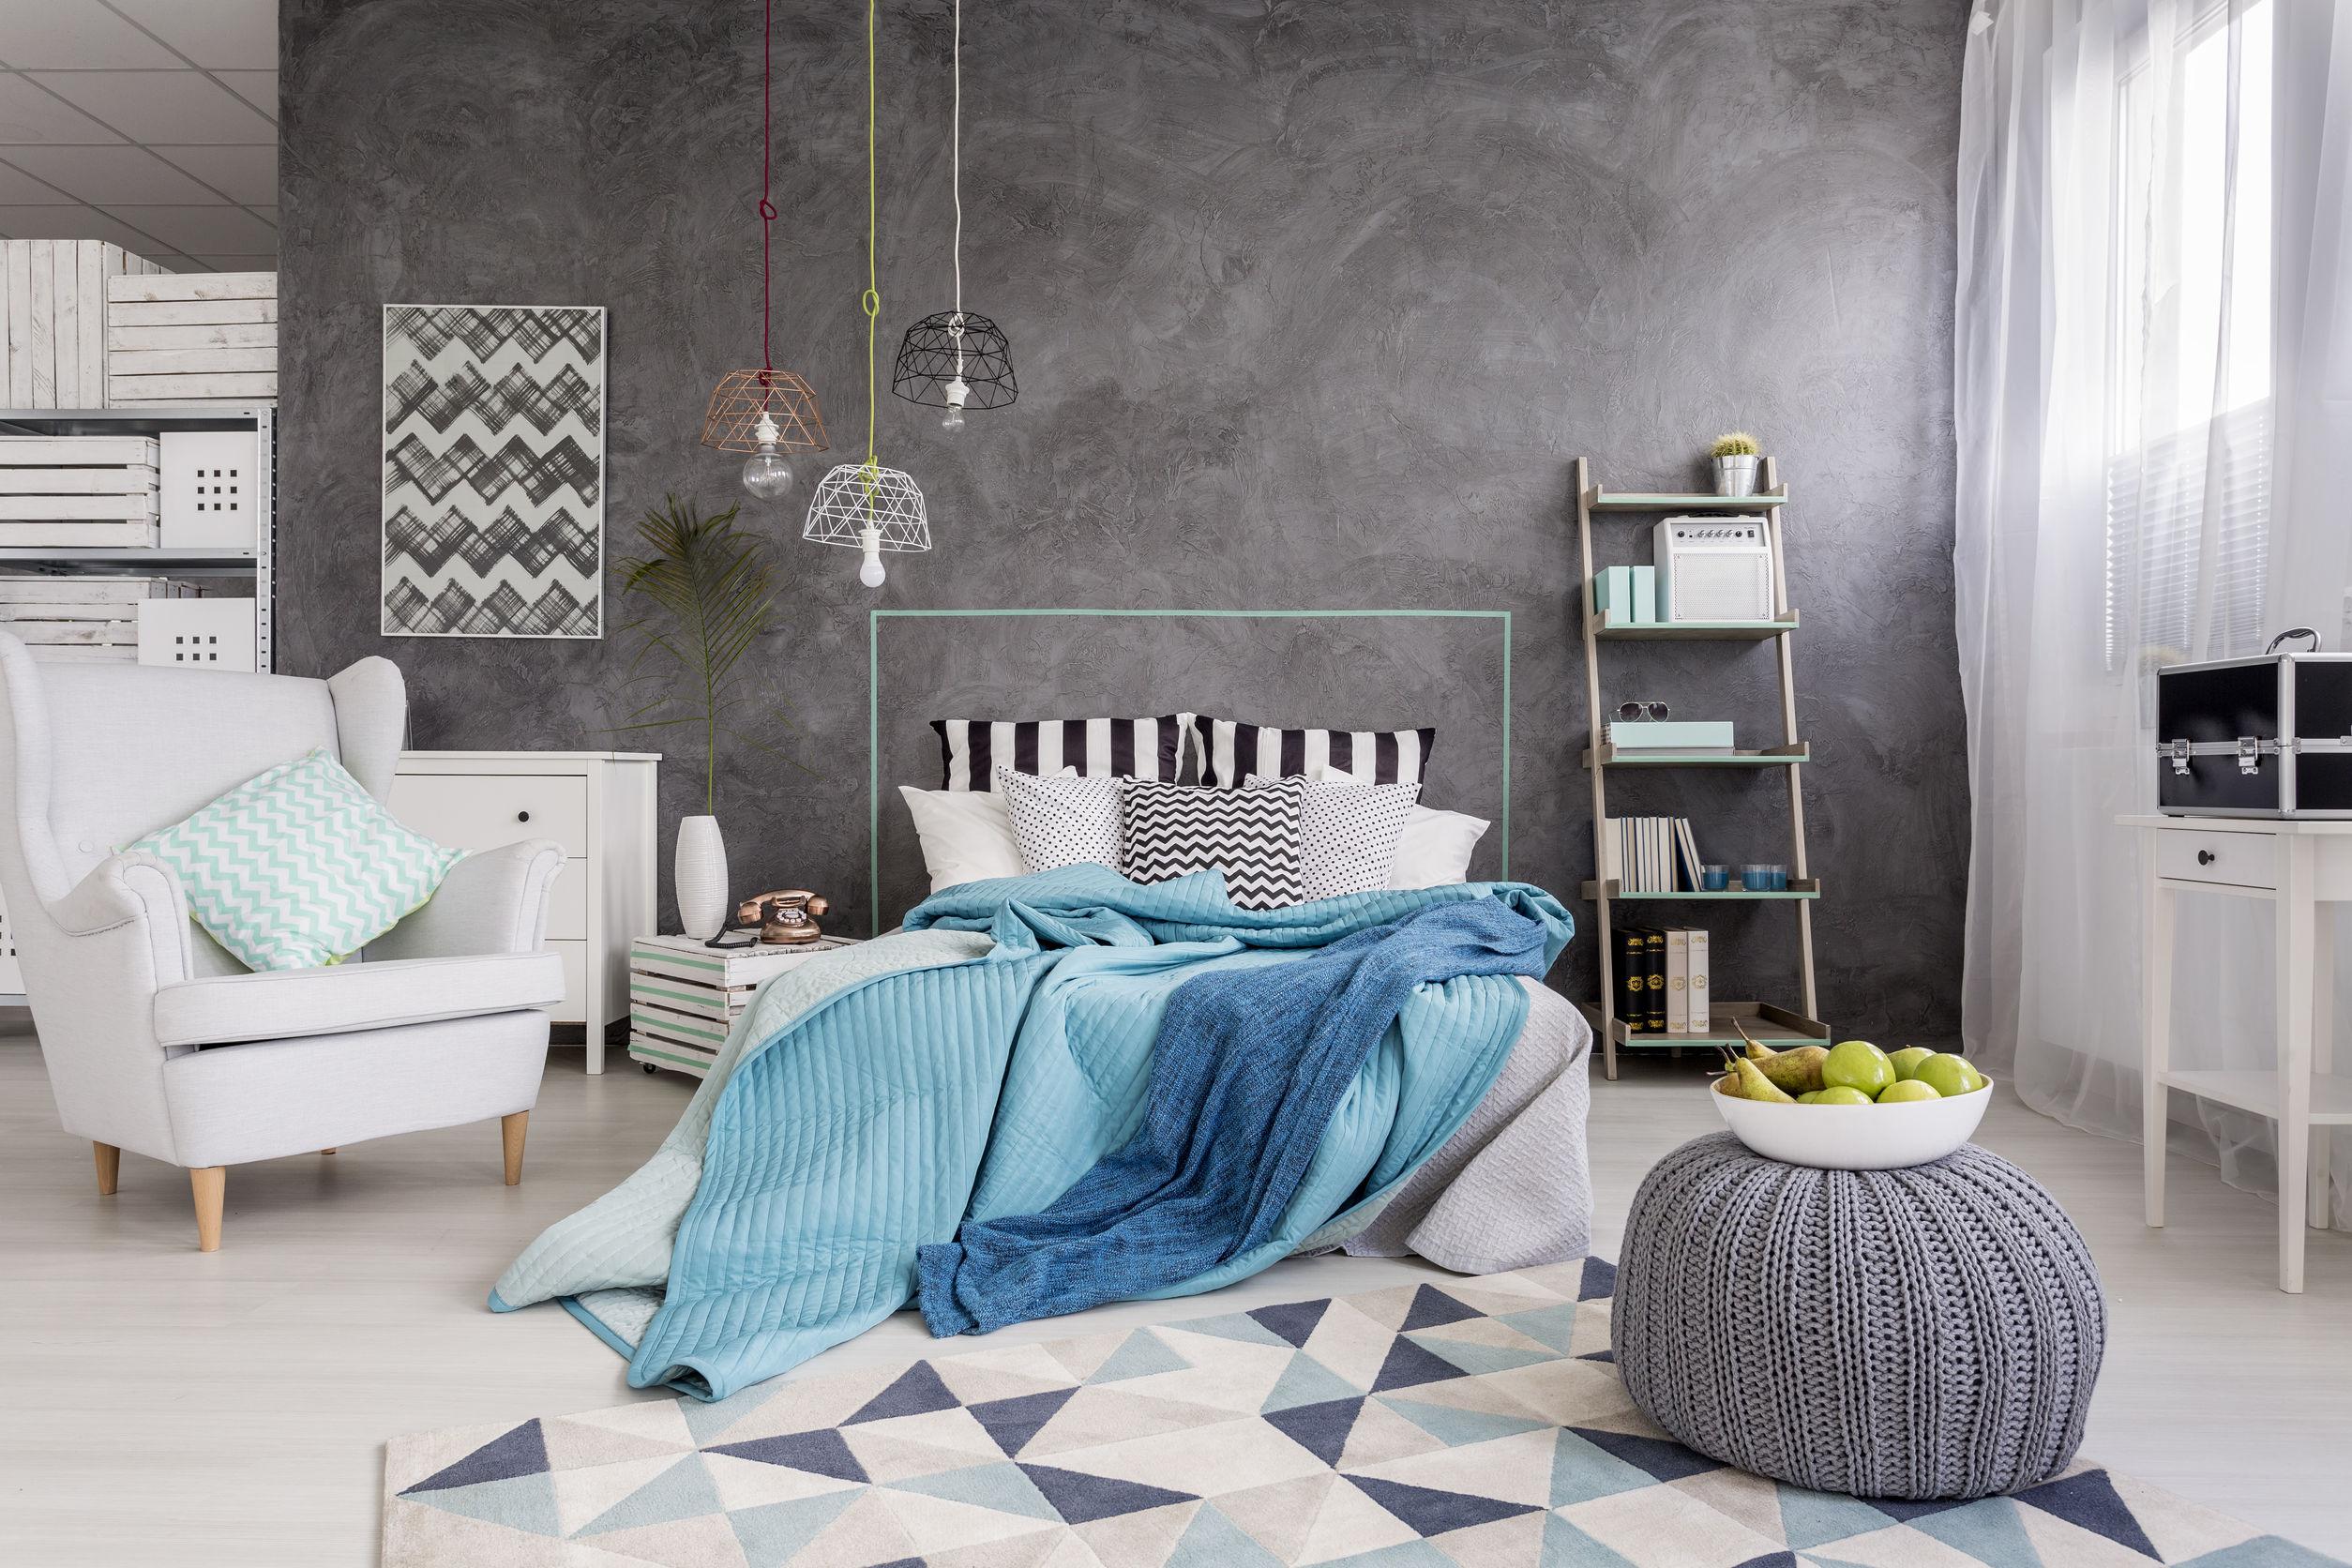 comment modifier votre d coration avec du washi tape le mag visiondeco. Black Bedroom Furniture Sets. Home Design Ideas